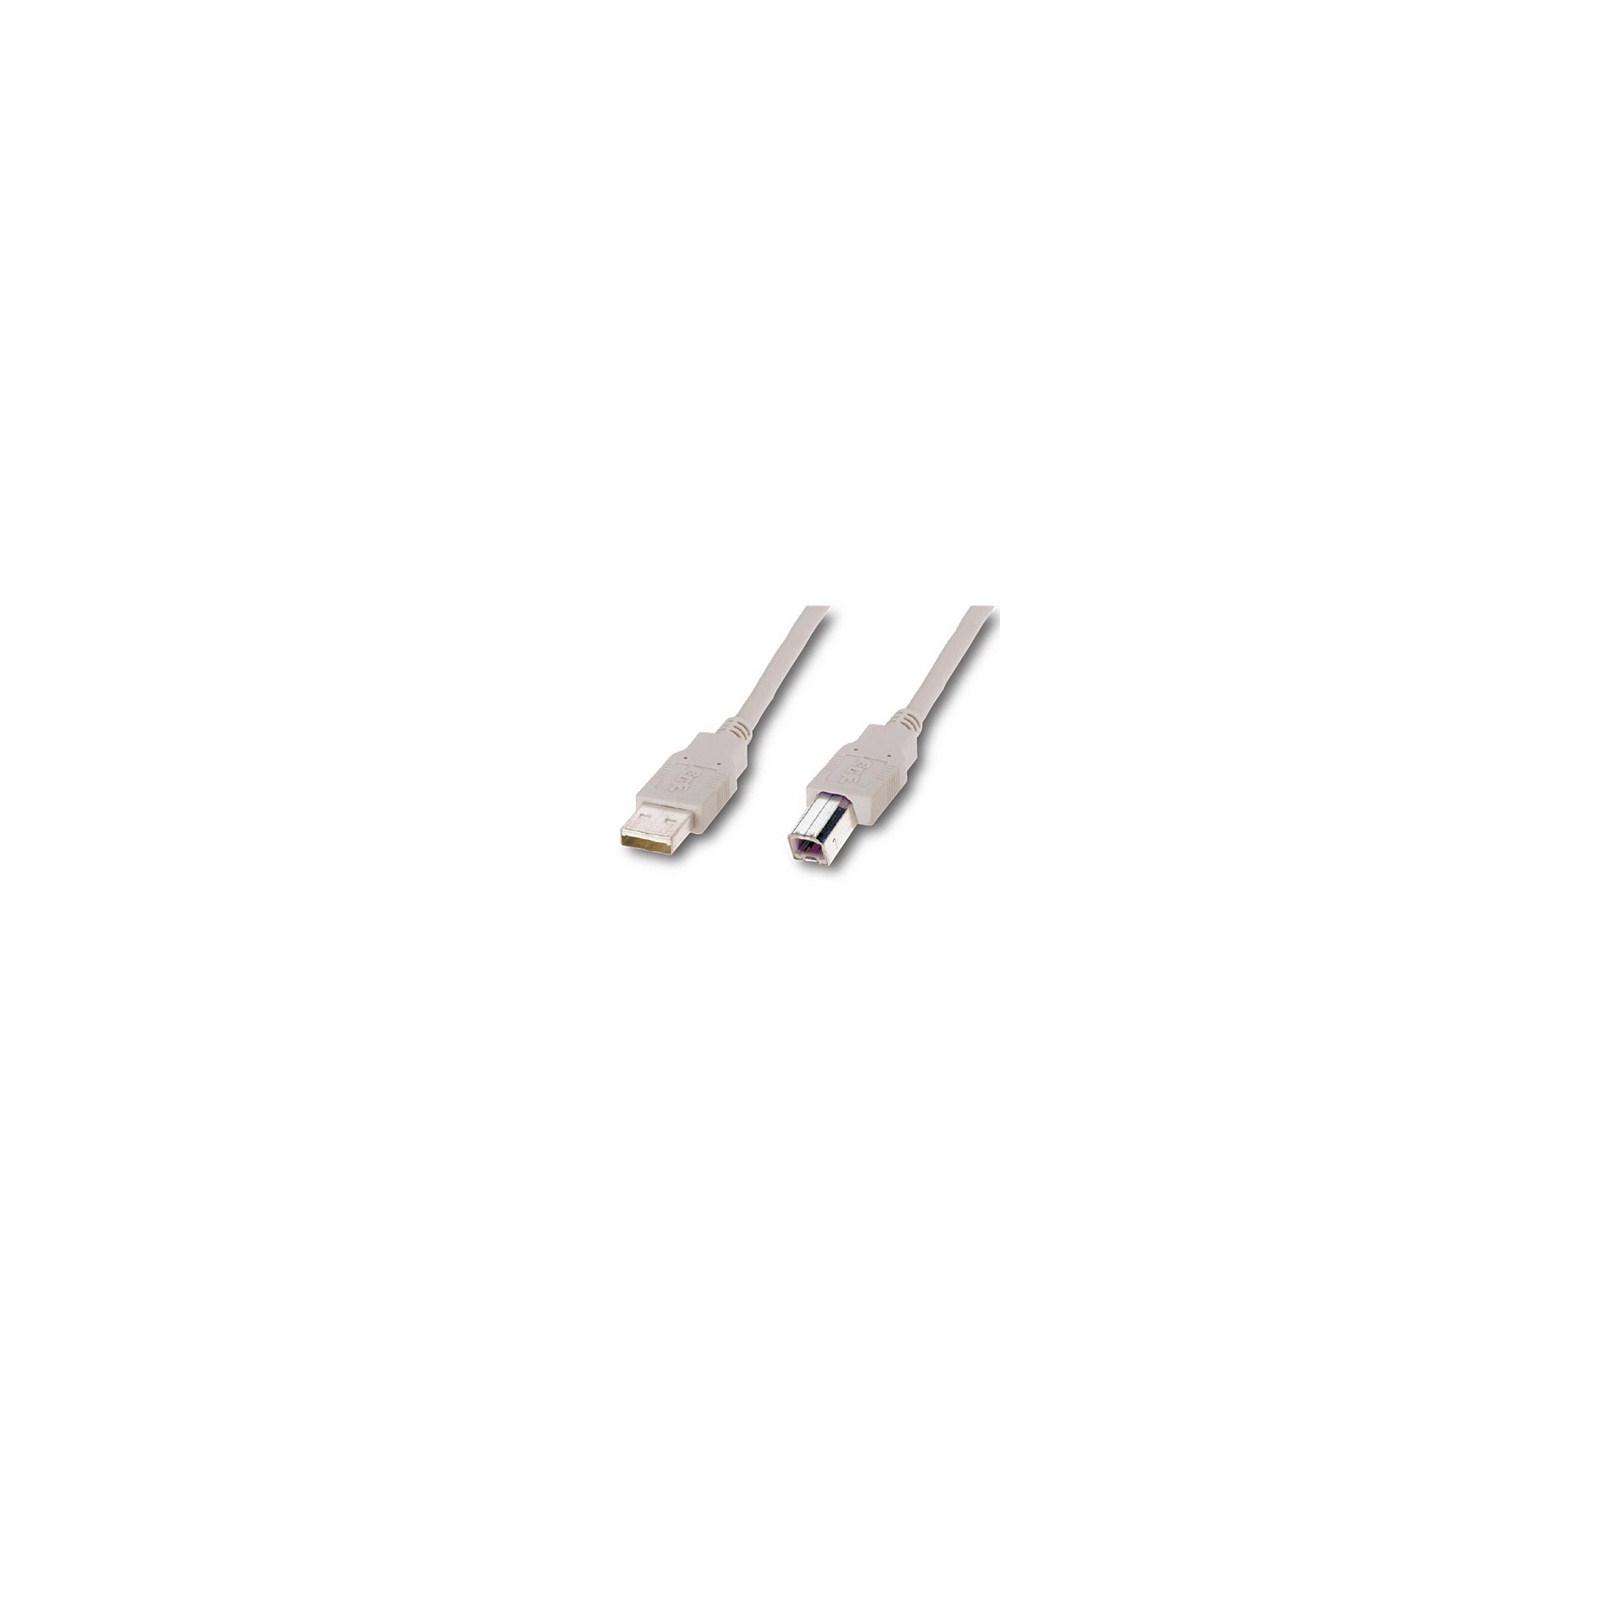 Кабель для принтера Atcom USB 2.0 AM/BM (6152)